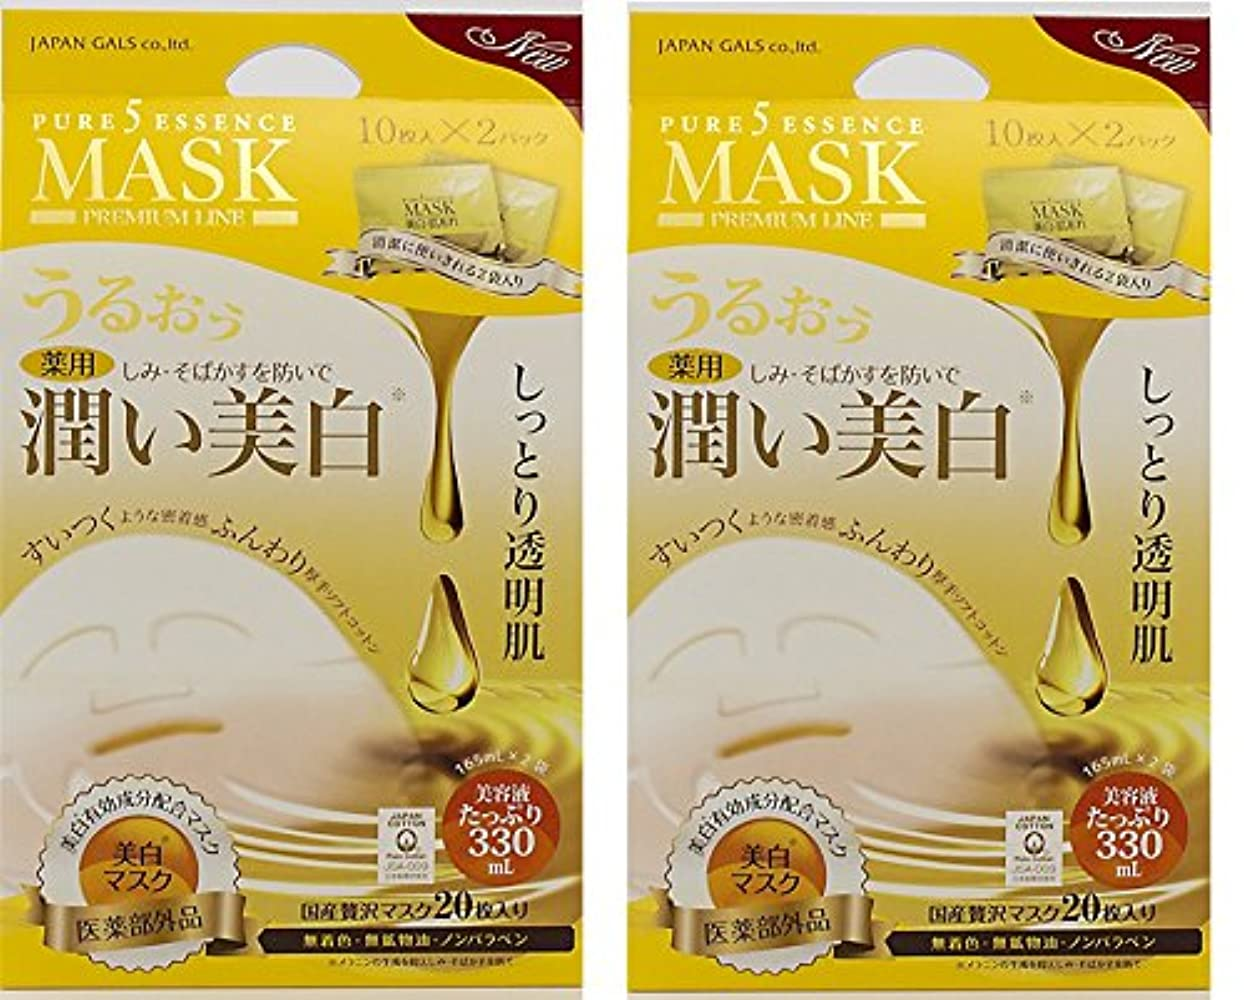 わなどう?刺繍【お得なまとめ買い】ジャパンギャルズ ピュア5エッセンスマスク(薬用) 10枚入り×2袋【2個セット】